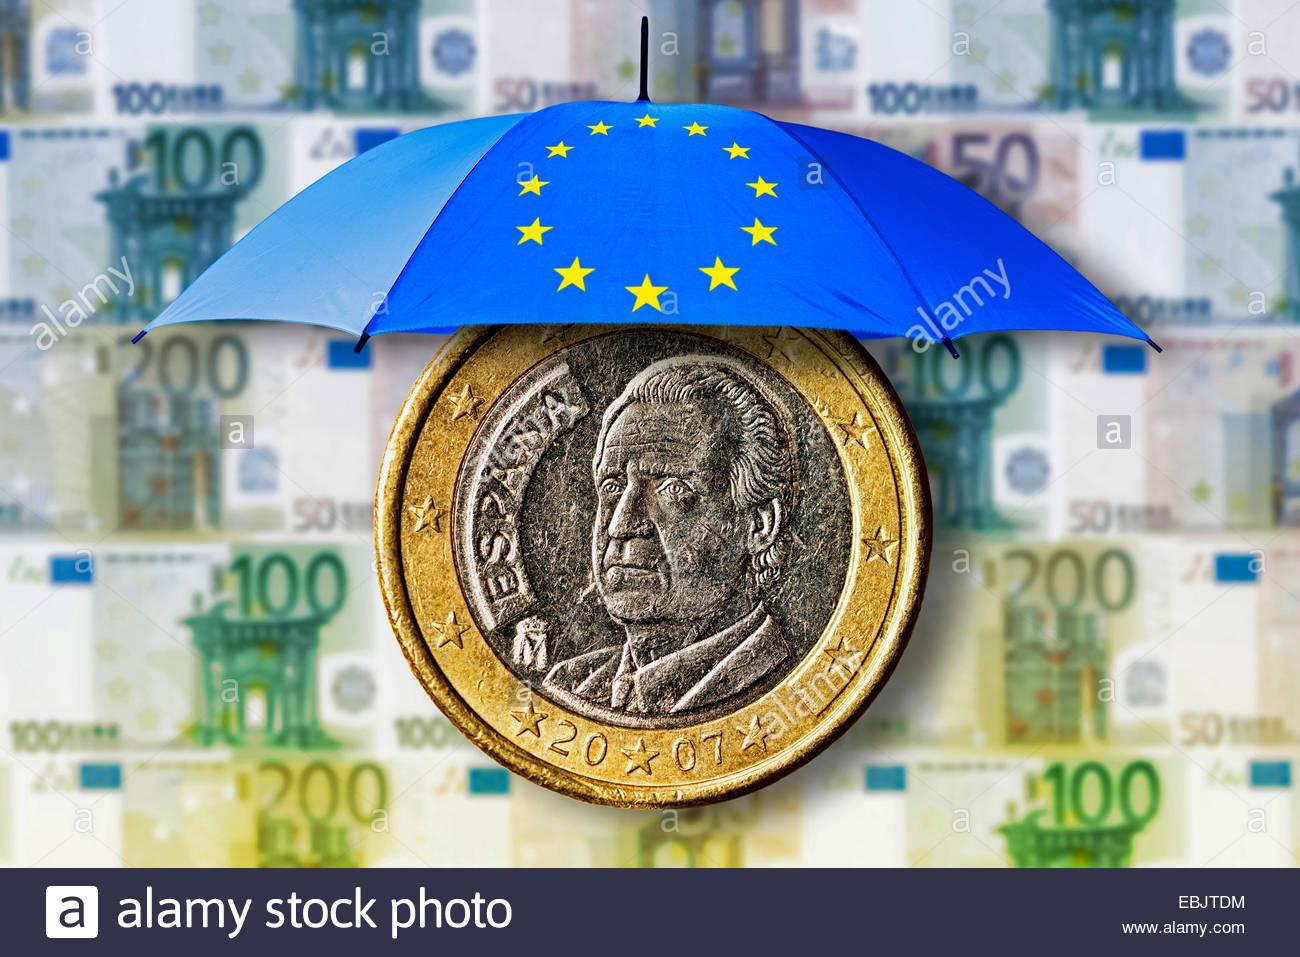 Spanische 1 Euro Münze Unter Einem Regenschirm Mit Eu Symbol Vor